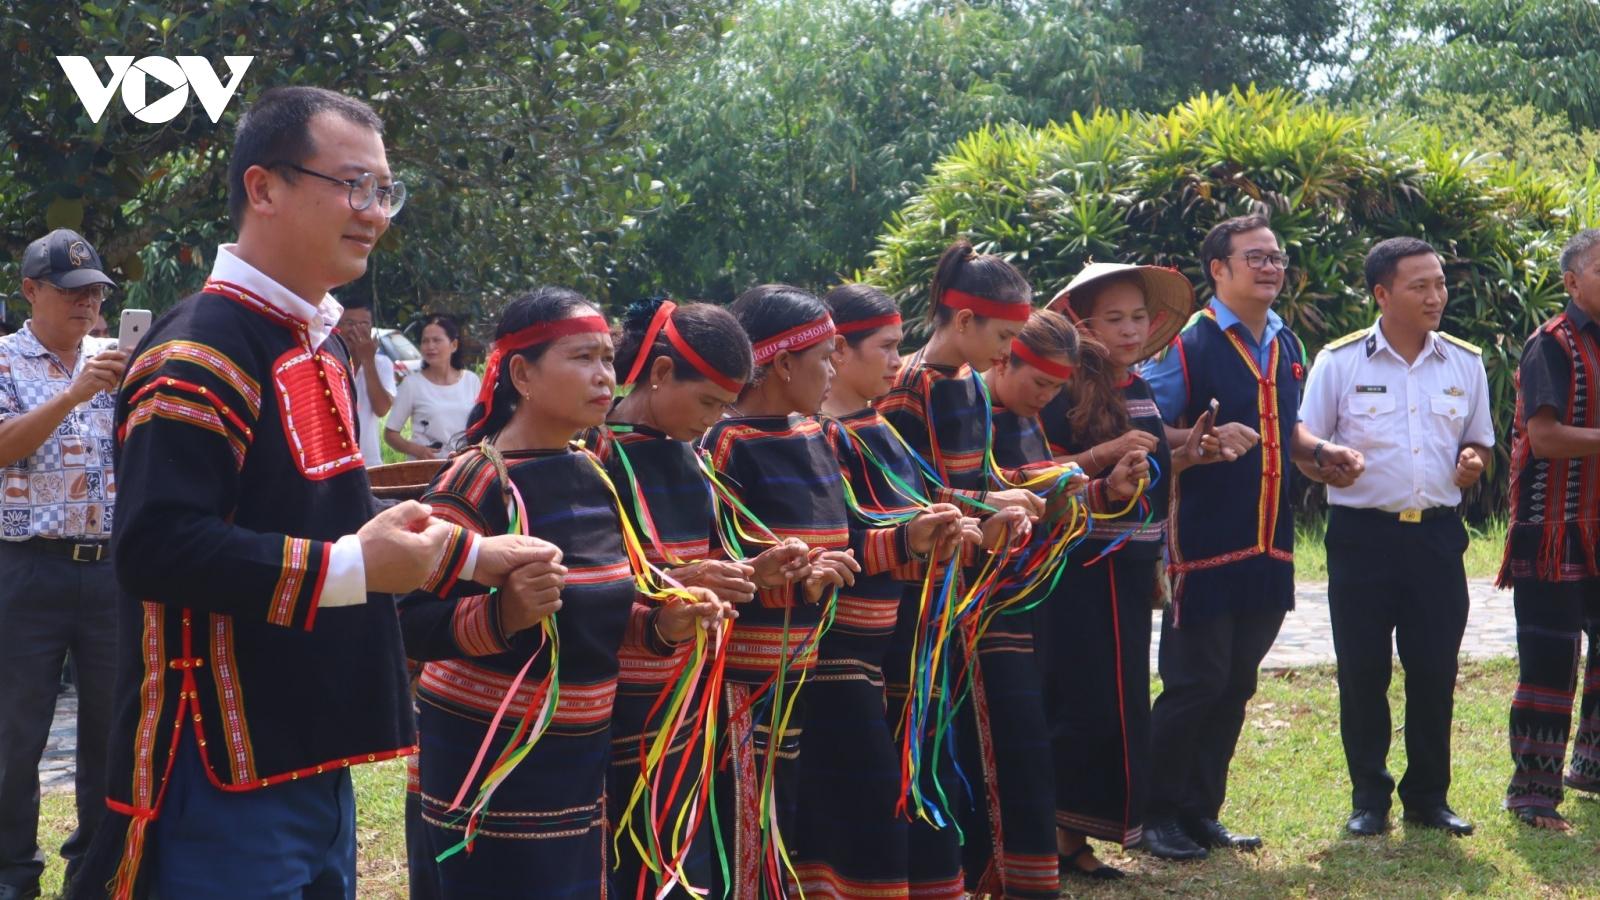 Tôn vinh bản sắc 54 dân tộc trong tuần Đại đoàn kết các dân tộc - Di sản Văn hóa Việt Nam